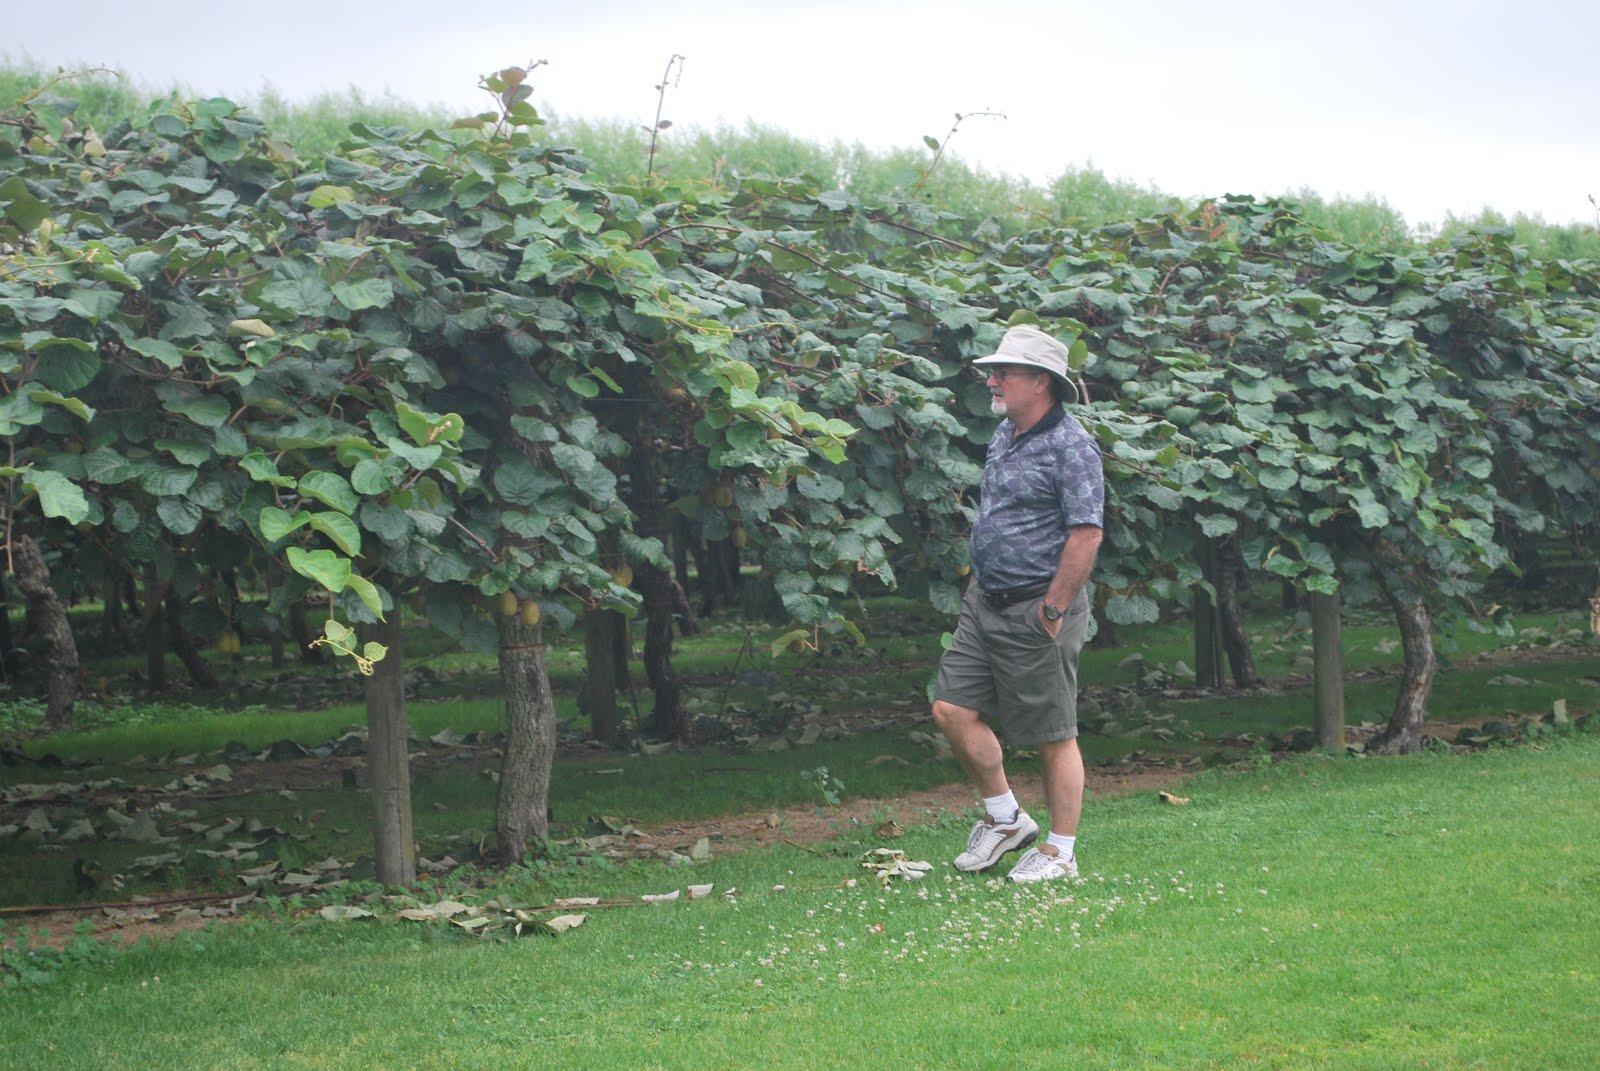 Kiwi Fruit Harvesting Picking and Packing - Amazing